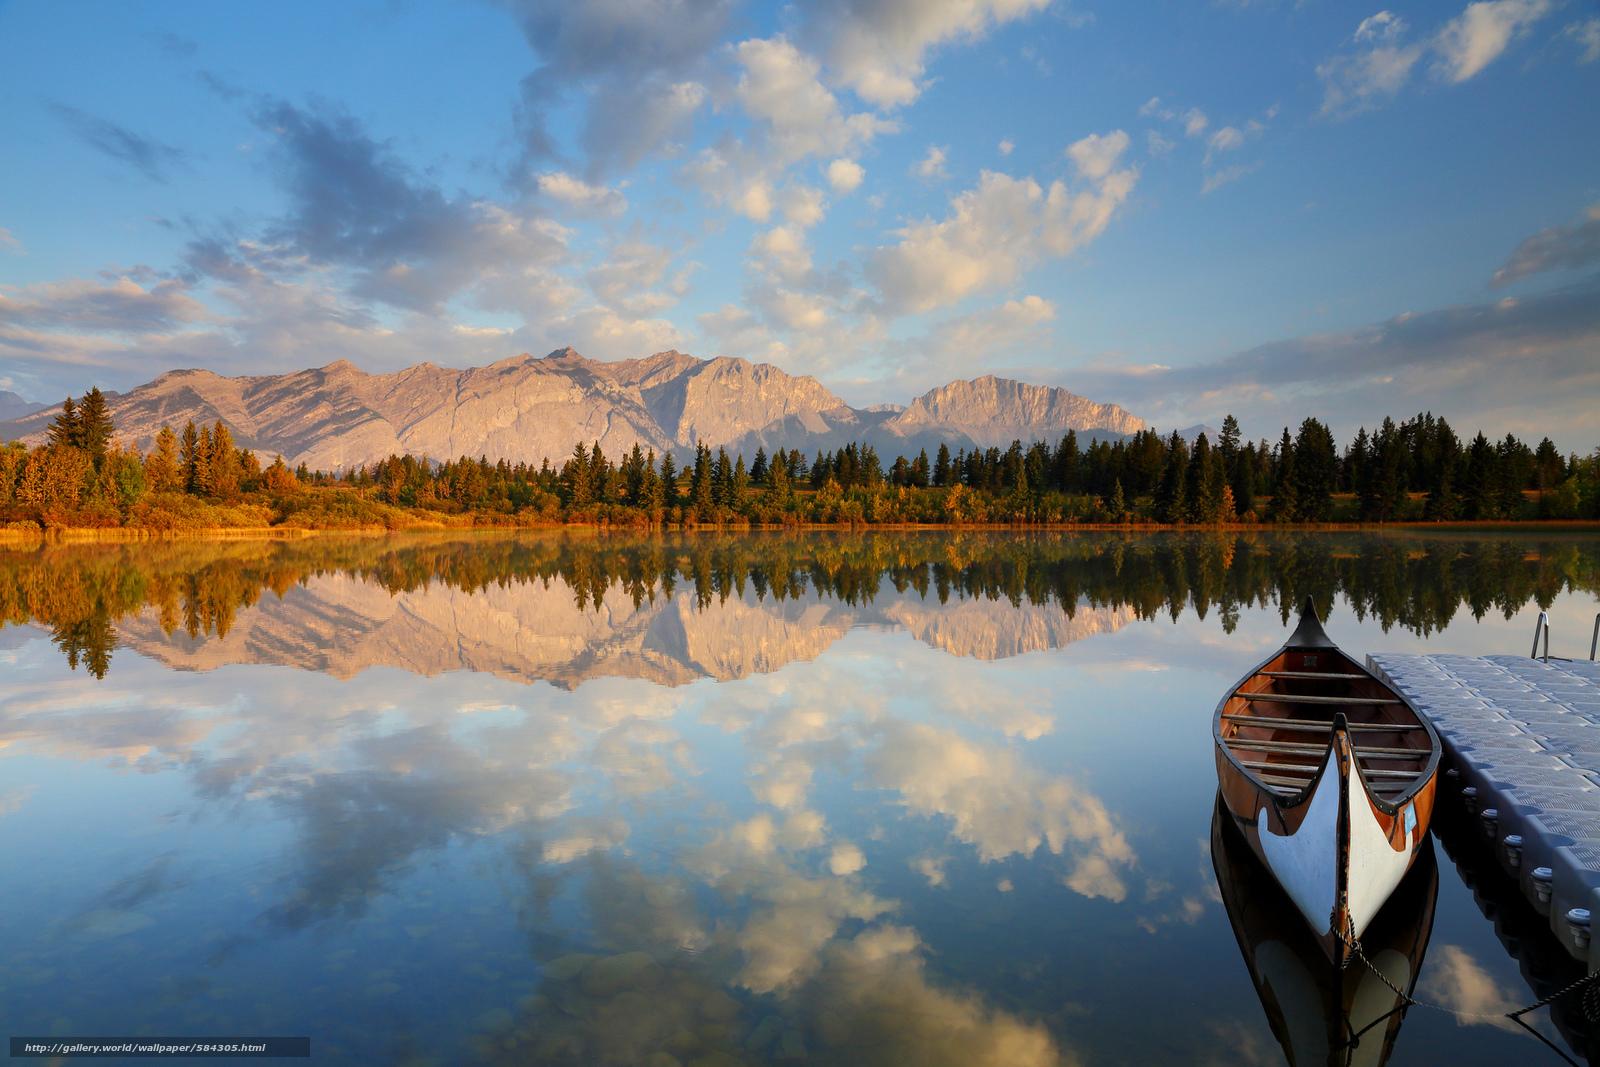 человек в лодке река горы